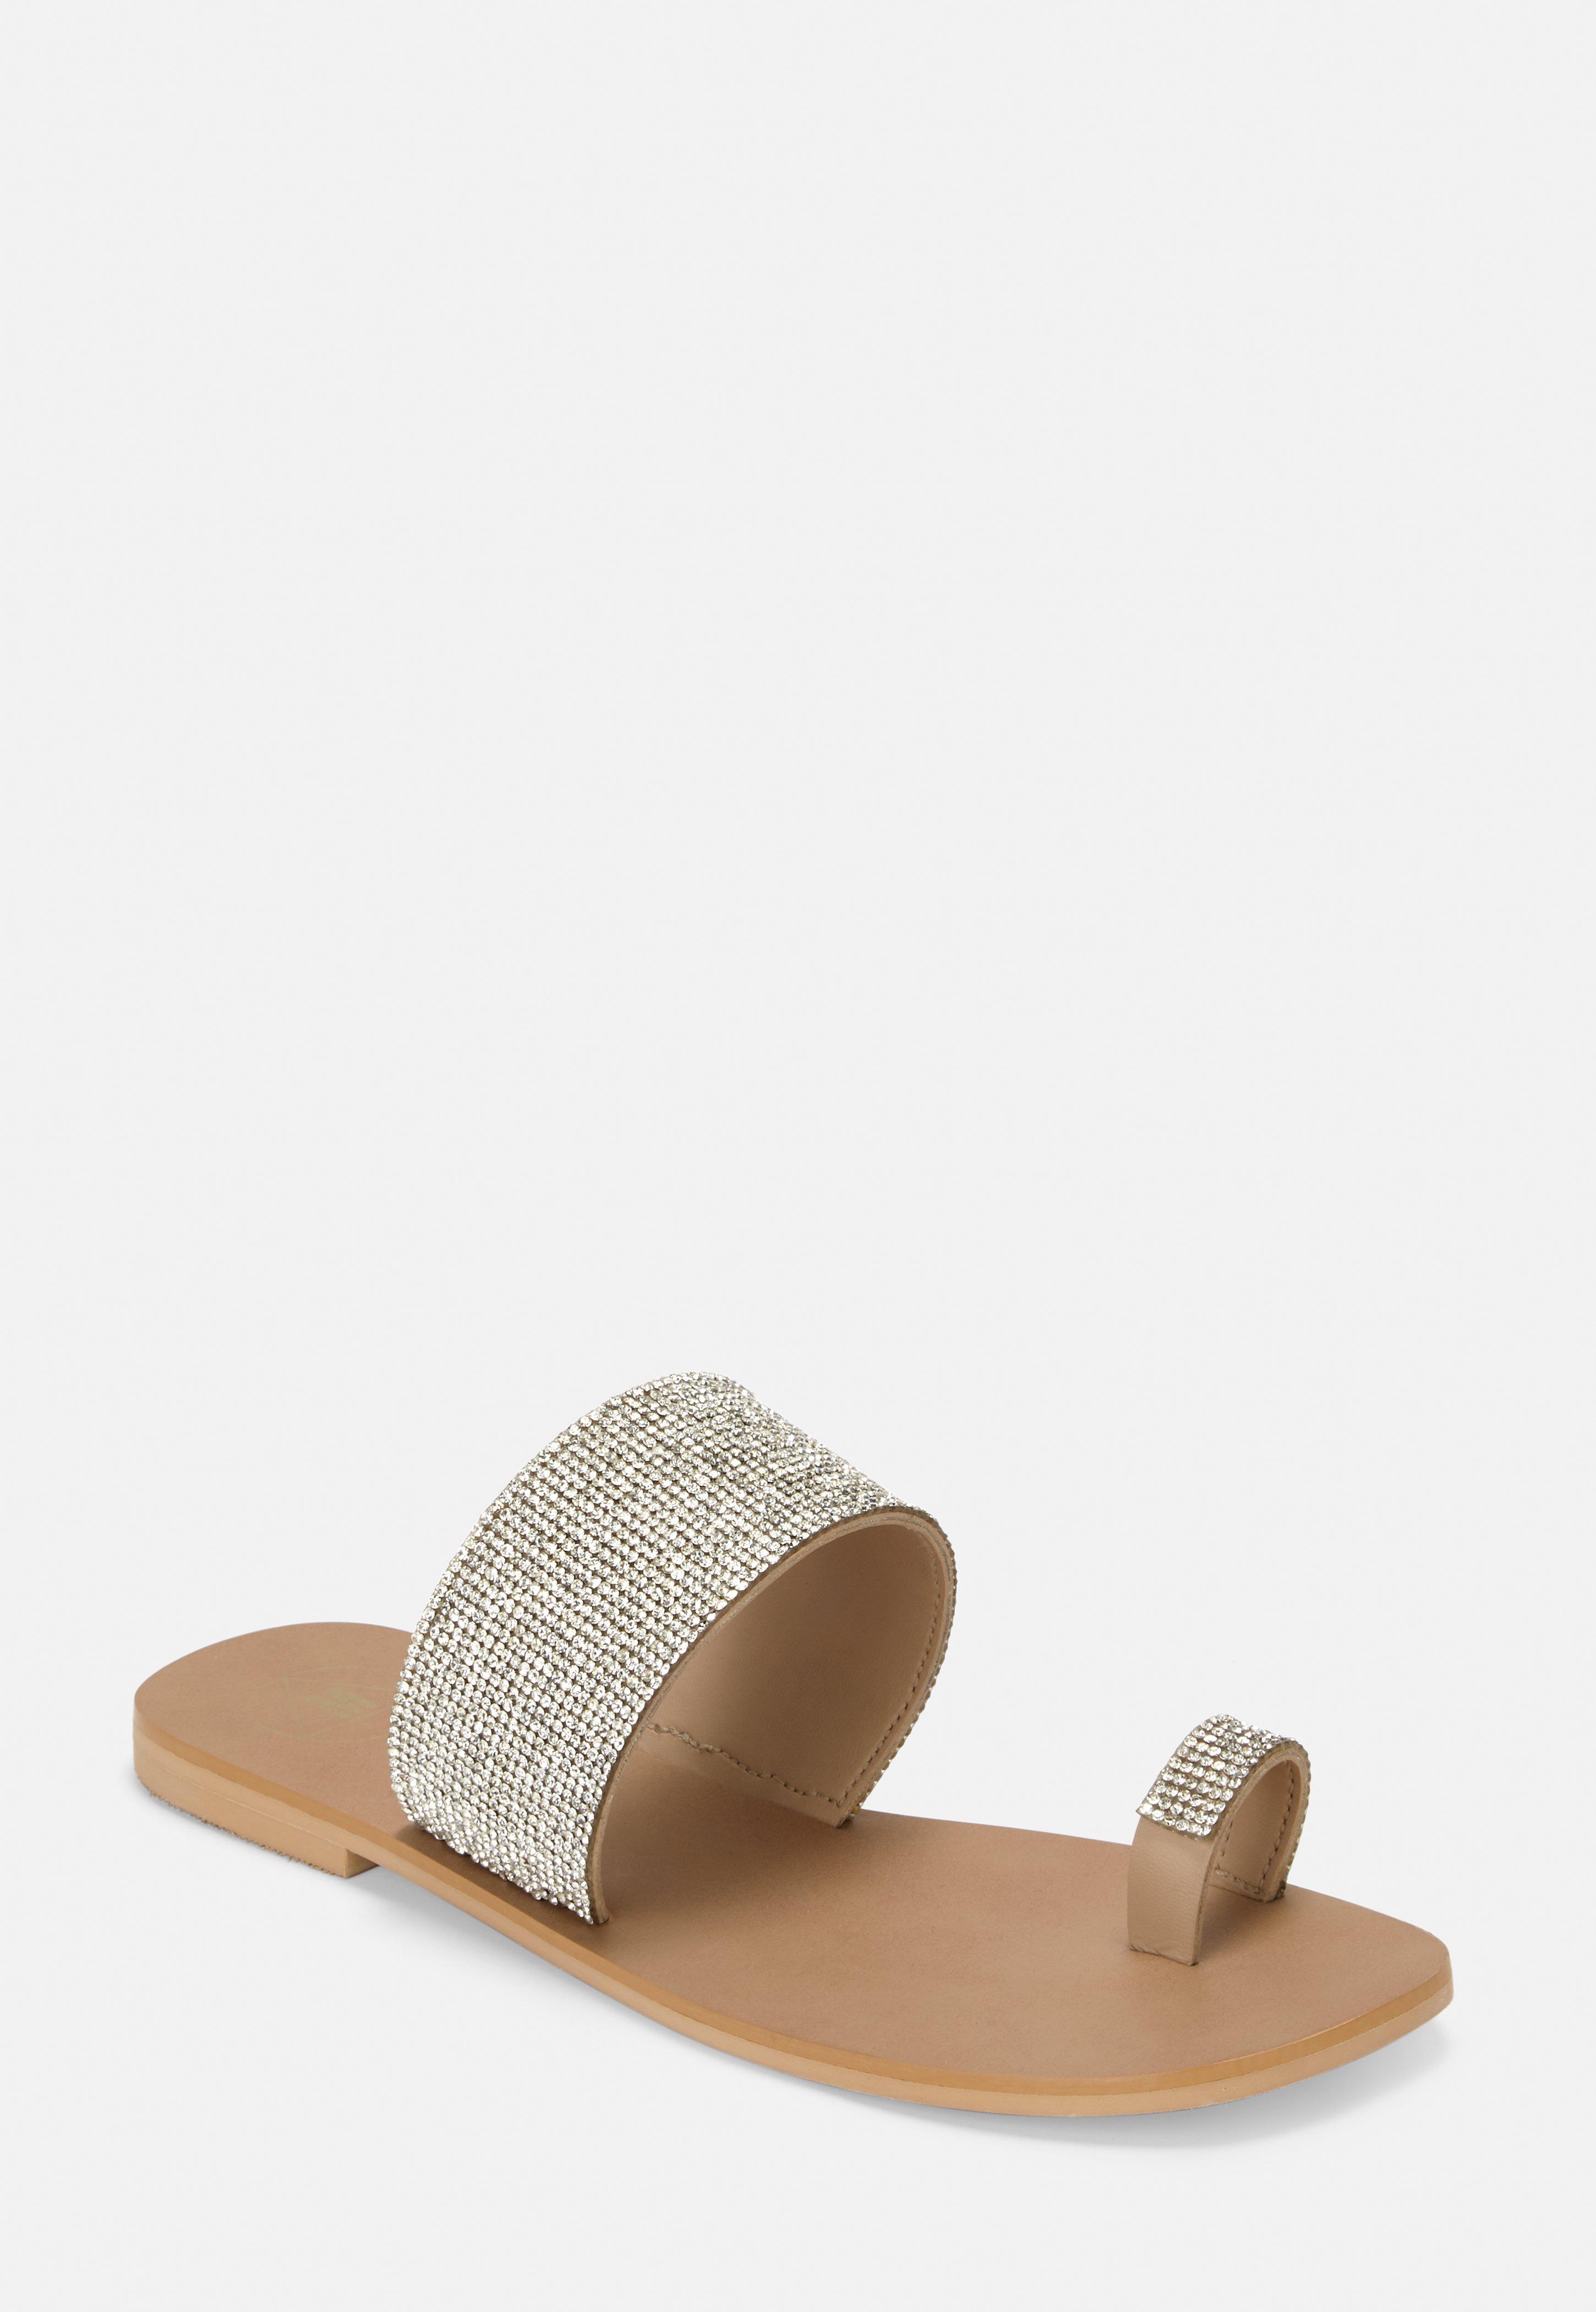 0e28b81a1a11 Women's Flat Sandals | Missguided